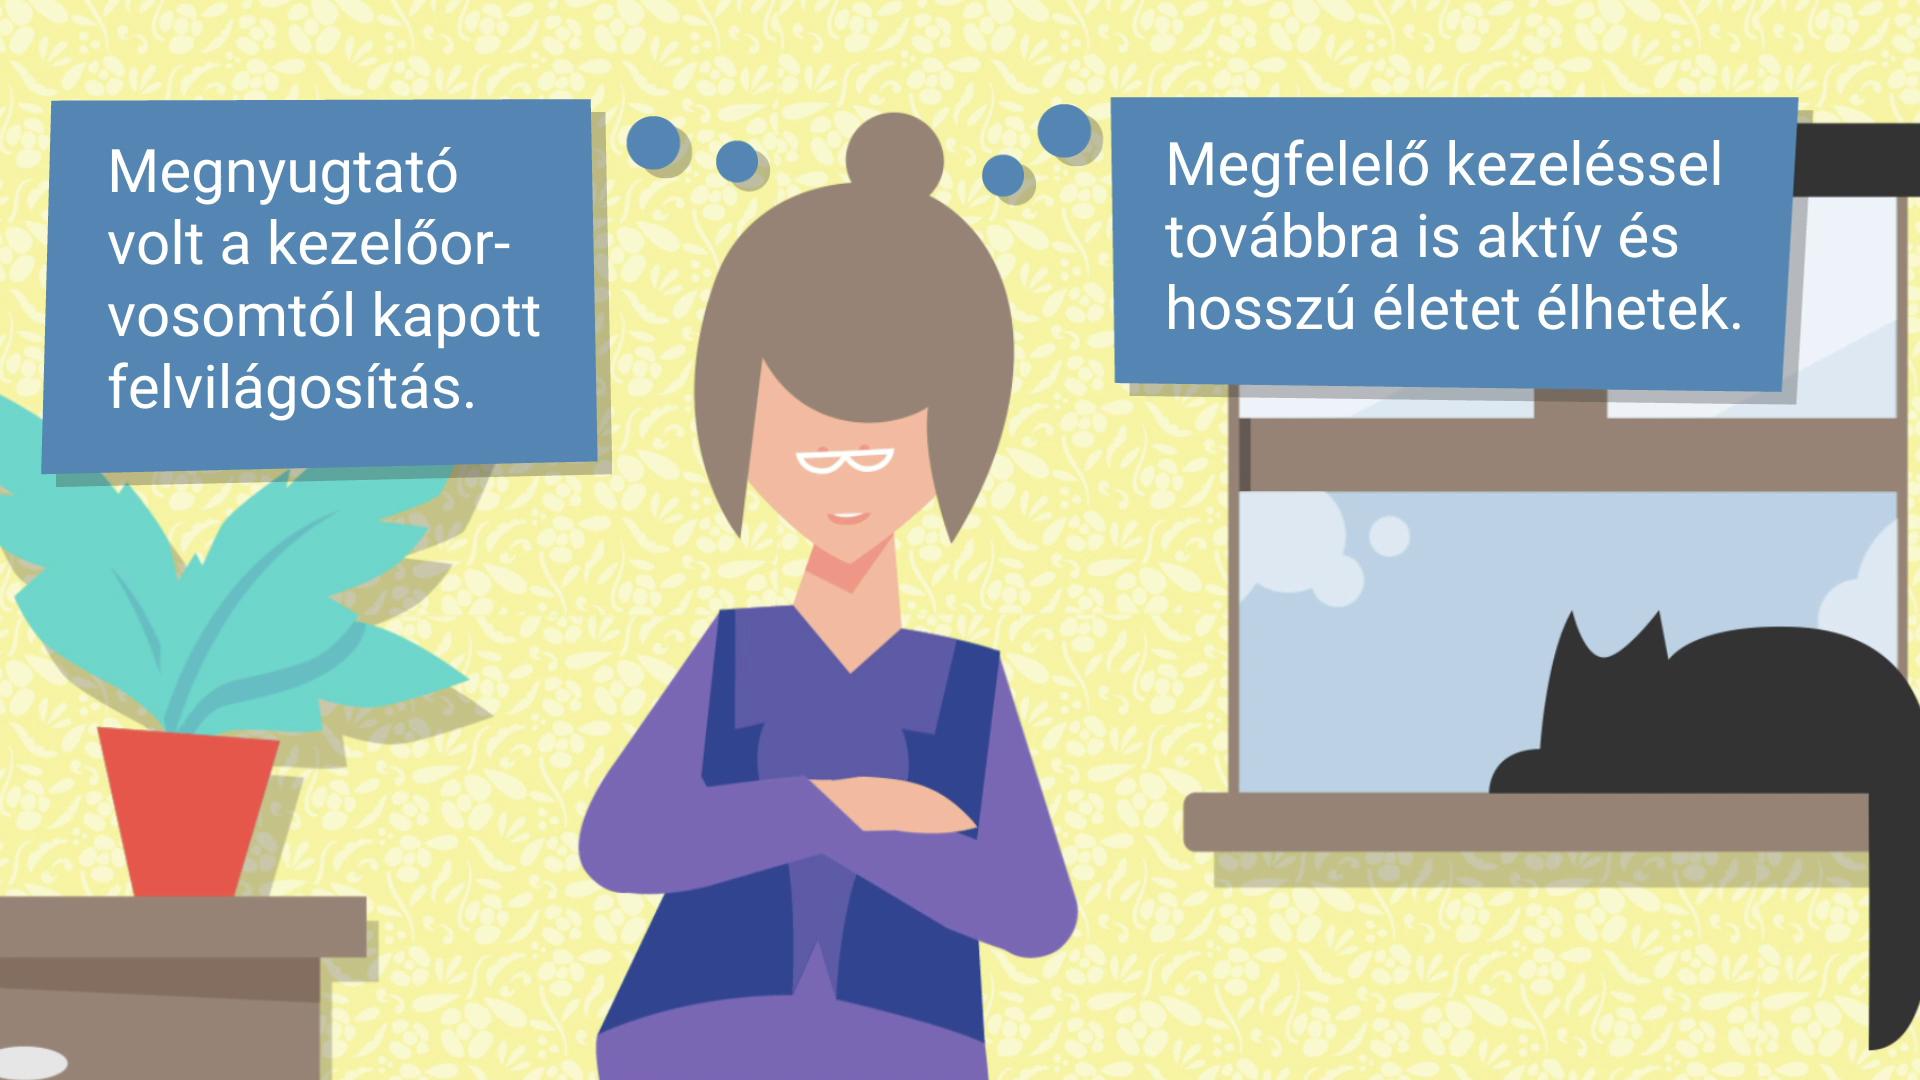 az újszülött fiziológiás izom hipertóniában szenved magas vérnyomás edzés közben